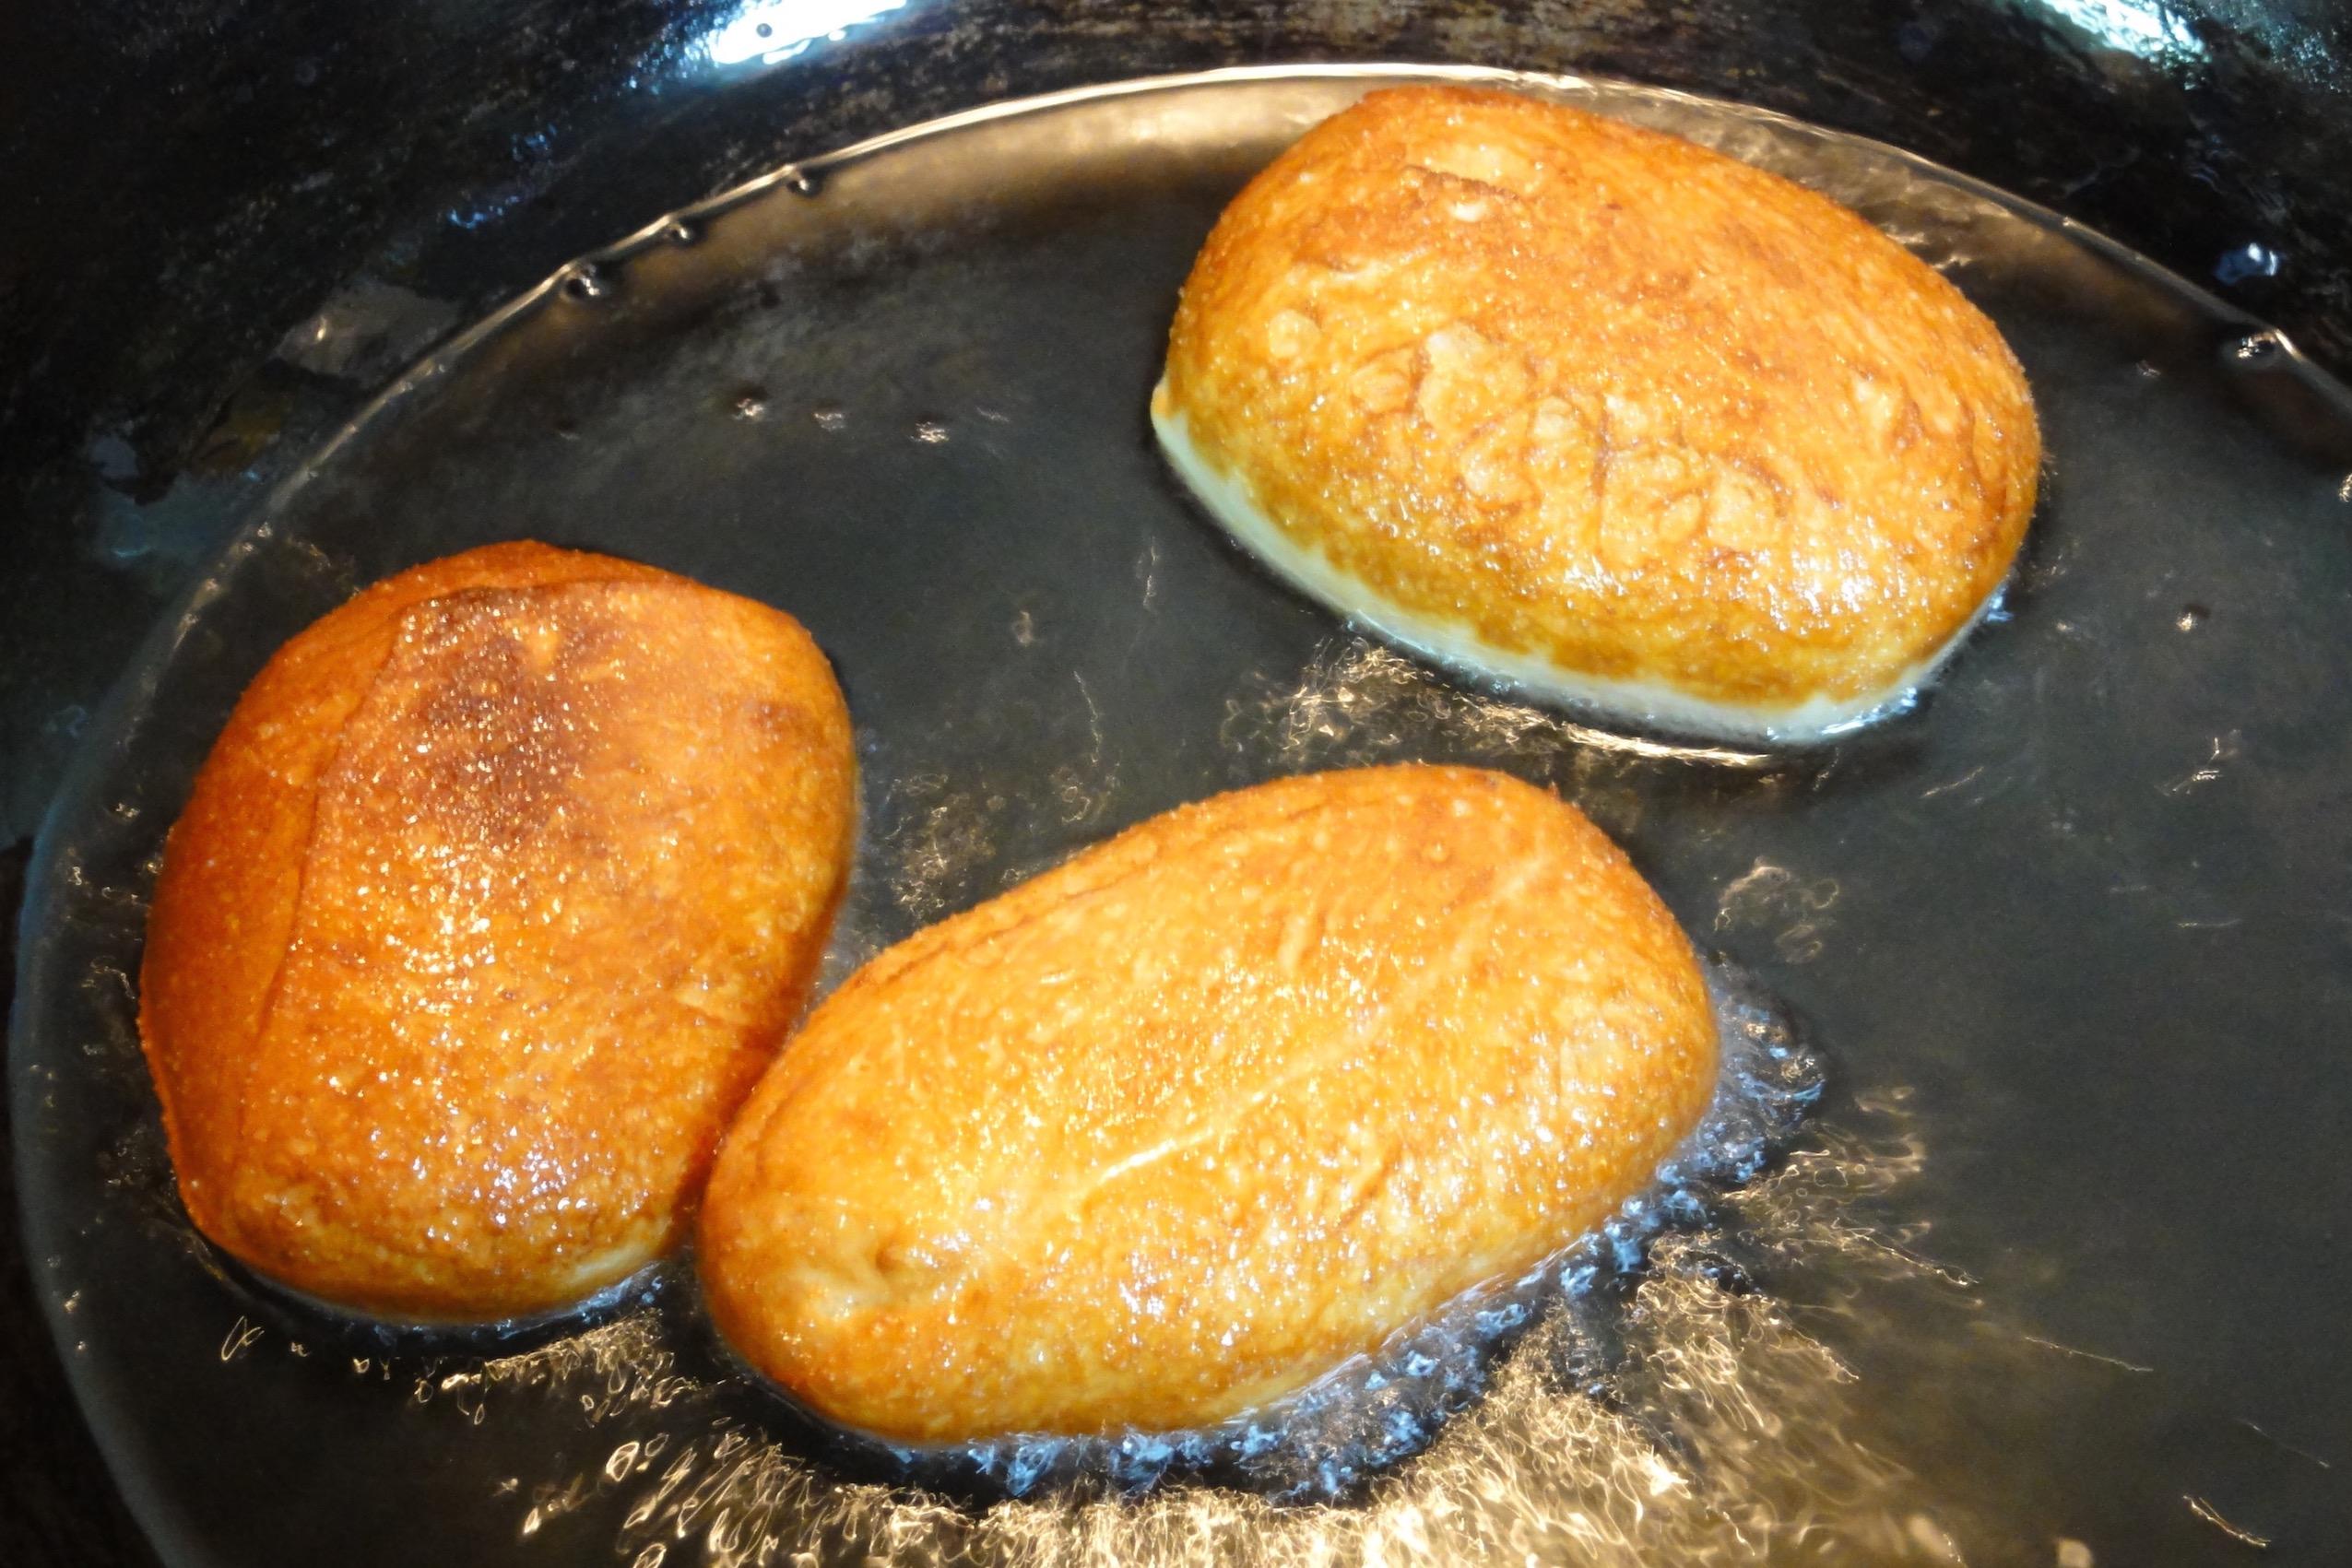 米粉パン生地を揚げる